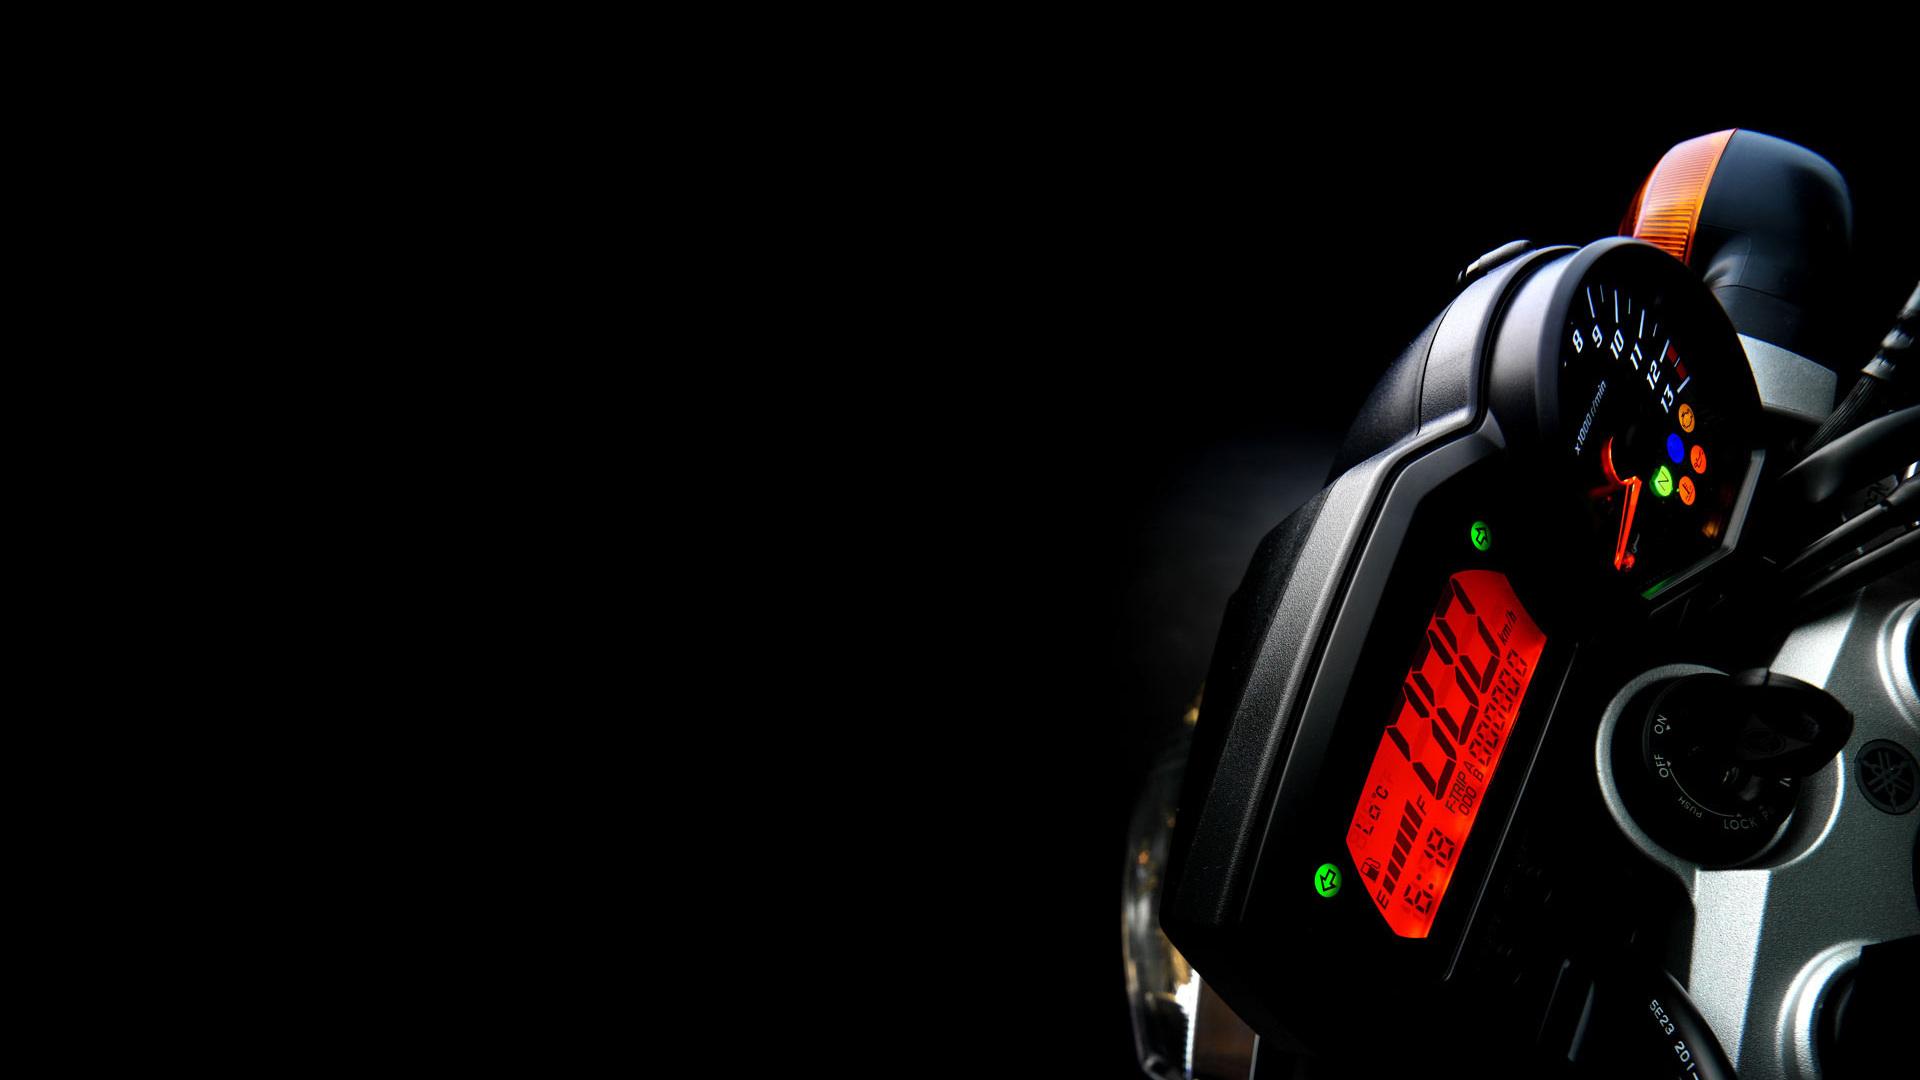 fz1-speedometer-image.jpg